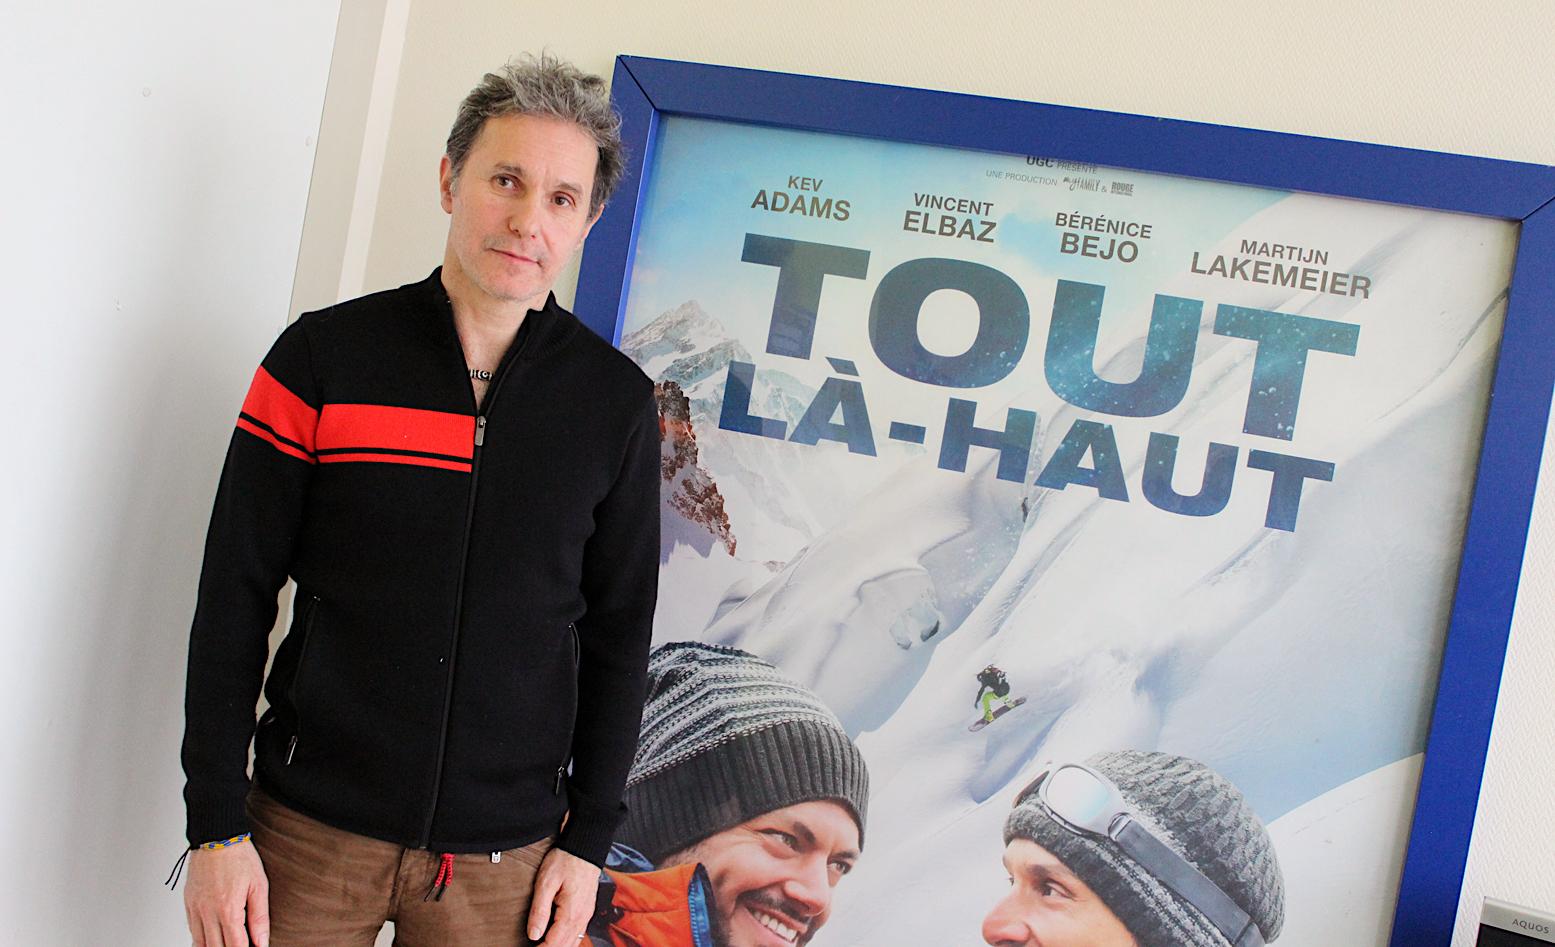 Réalisateur Serge Hazanavicius - Film Tout là-haut ©Julien Vollet